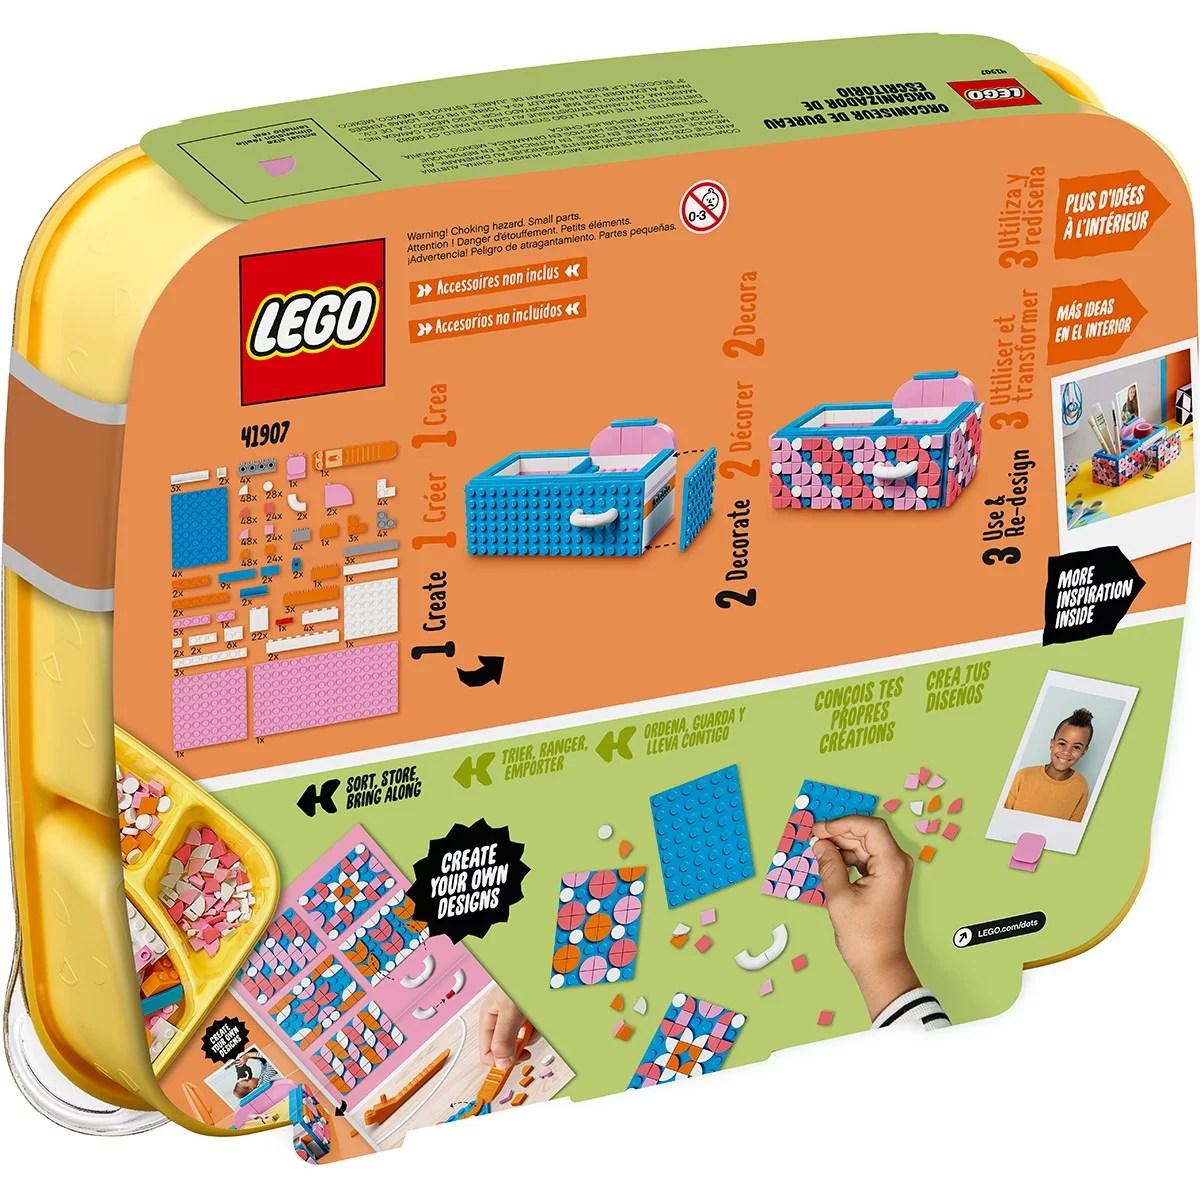 la boite de rangement lego dots 41907